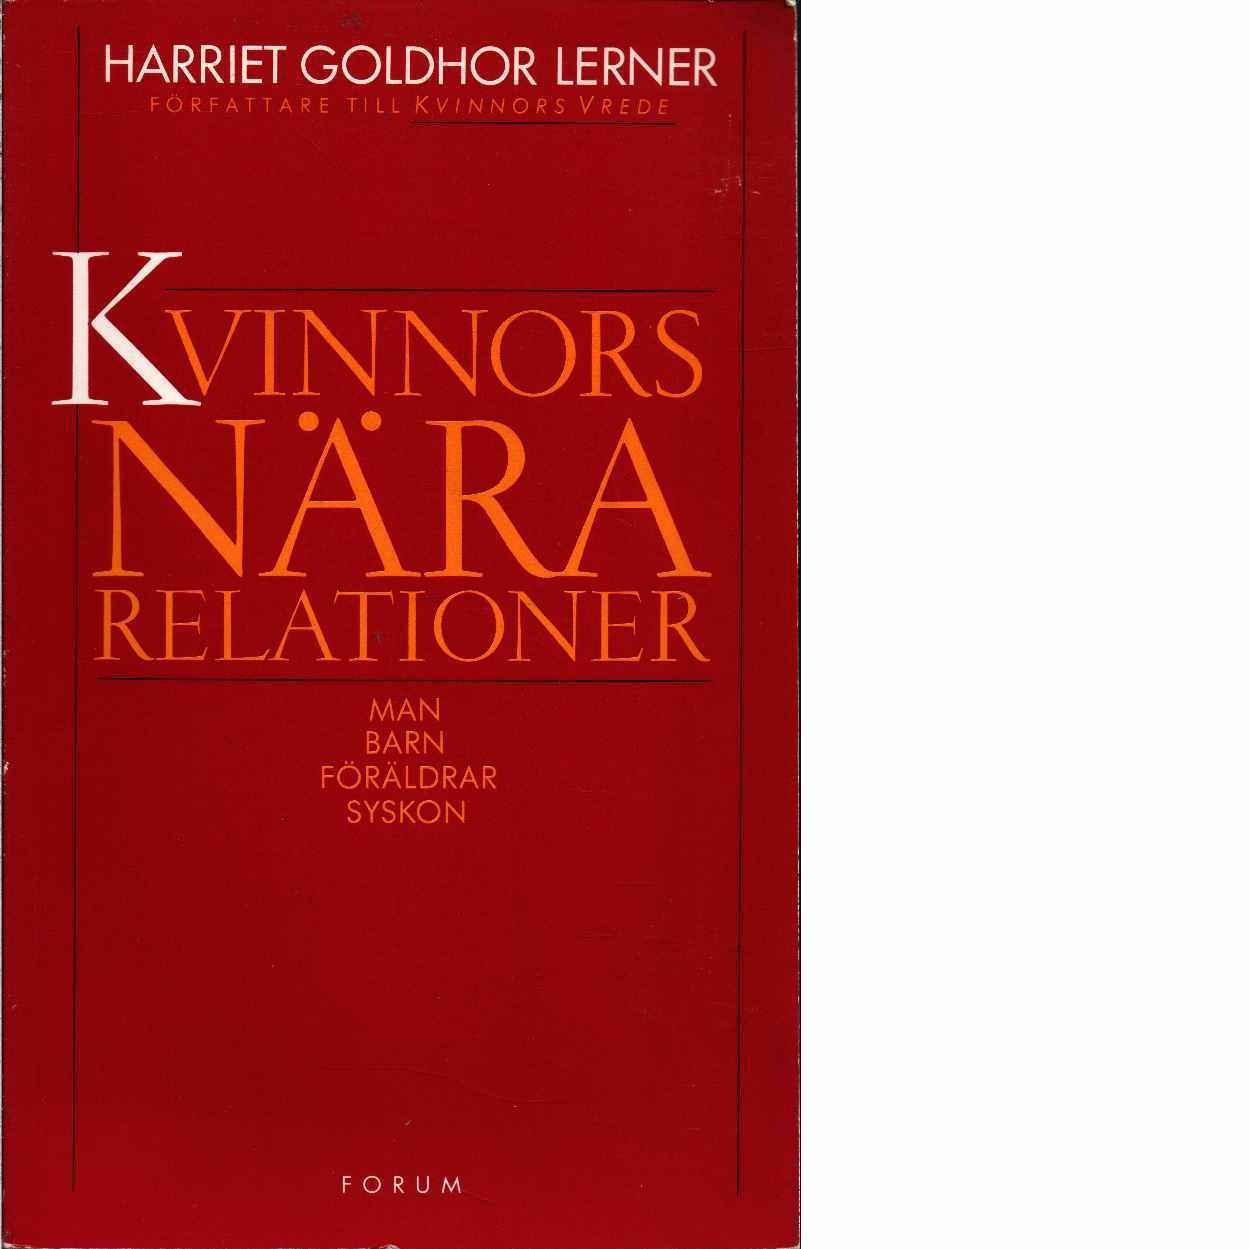 Kvinnors nära relationer : man, barn, föräldrar, syskon  - Lerner, Harriet Goldhor